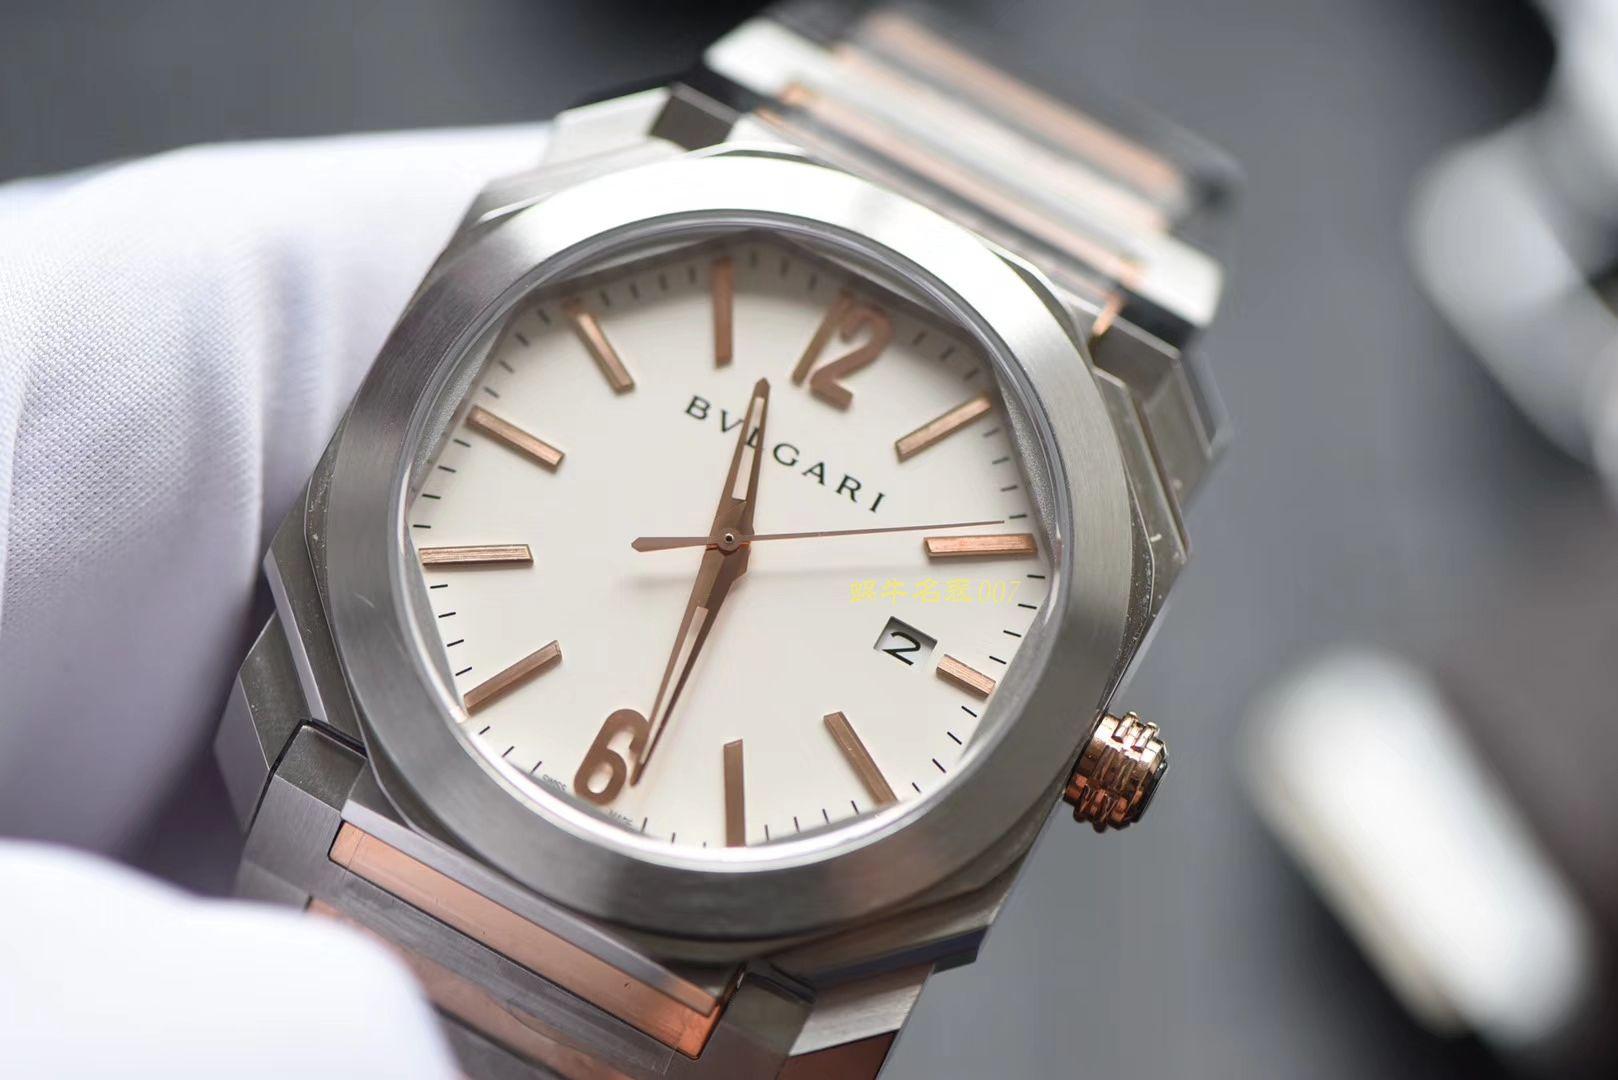 宝格丽OCTO系列102118 BGO38WSPGD腕表【台湾厂一比一复刻手表】